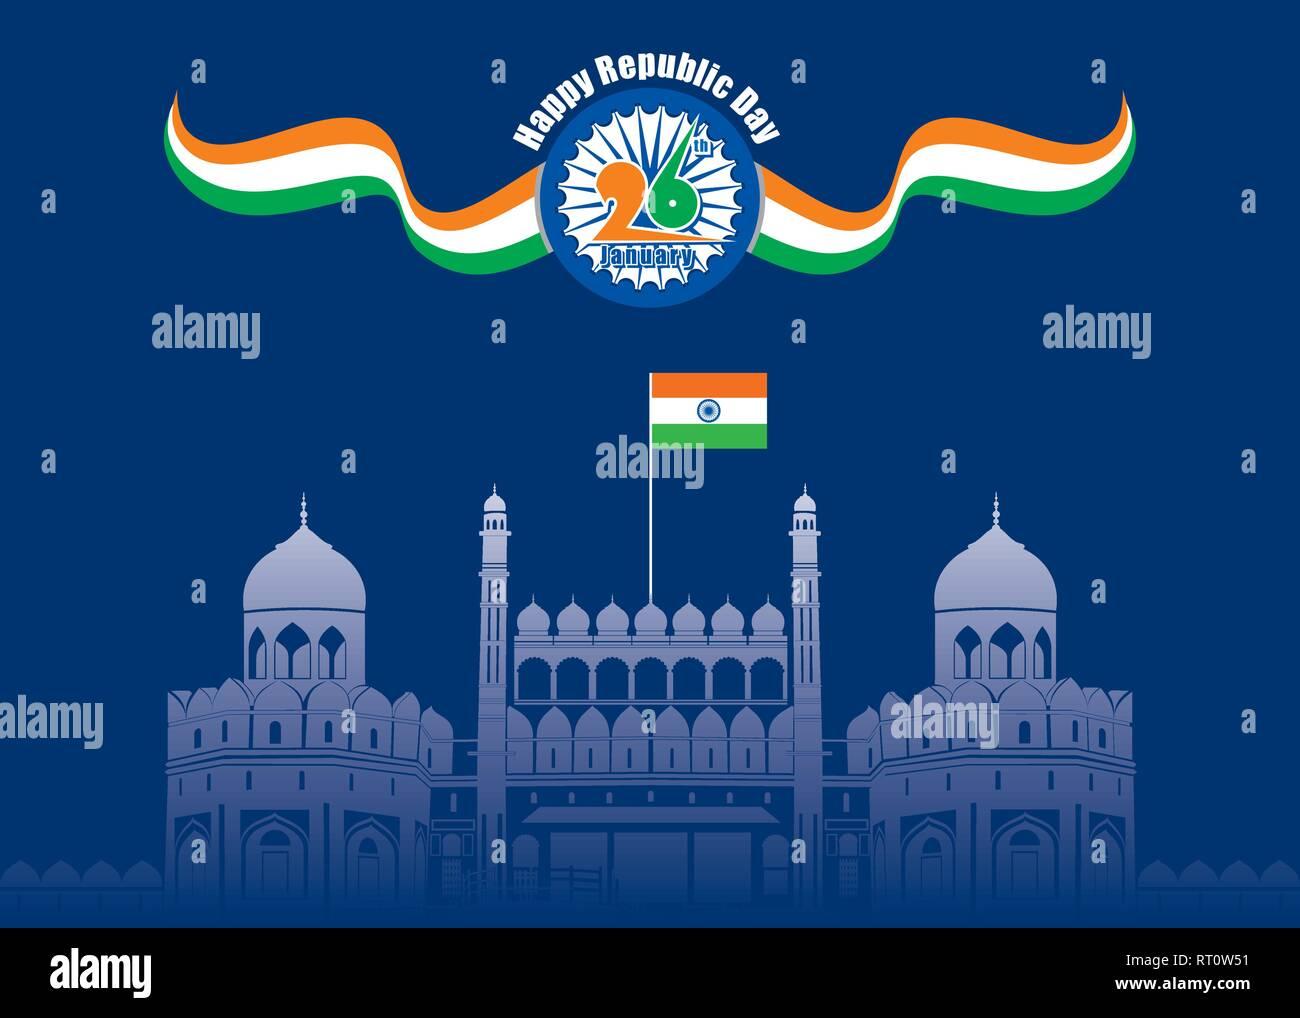 Glücklich, Tag der Unabhängigkeit von Indien illustration Vektor, Poster Design Stockbild